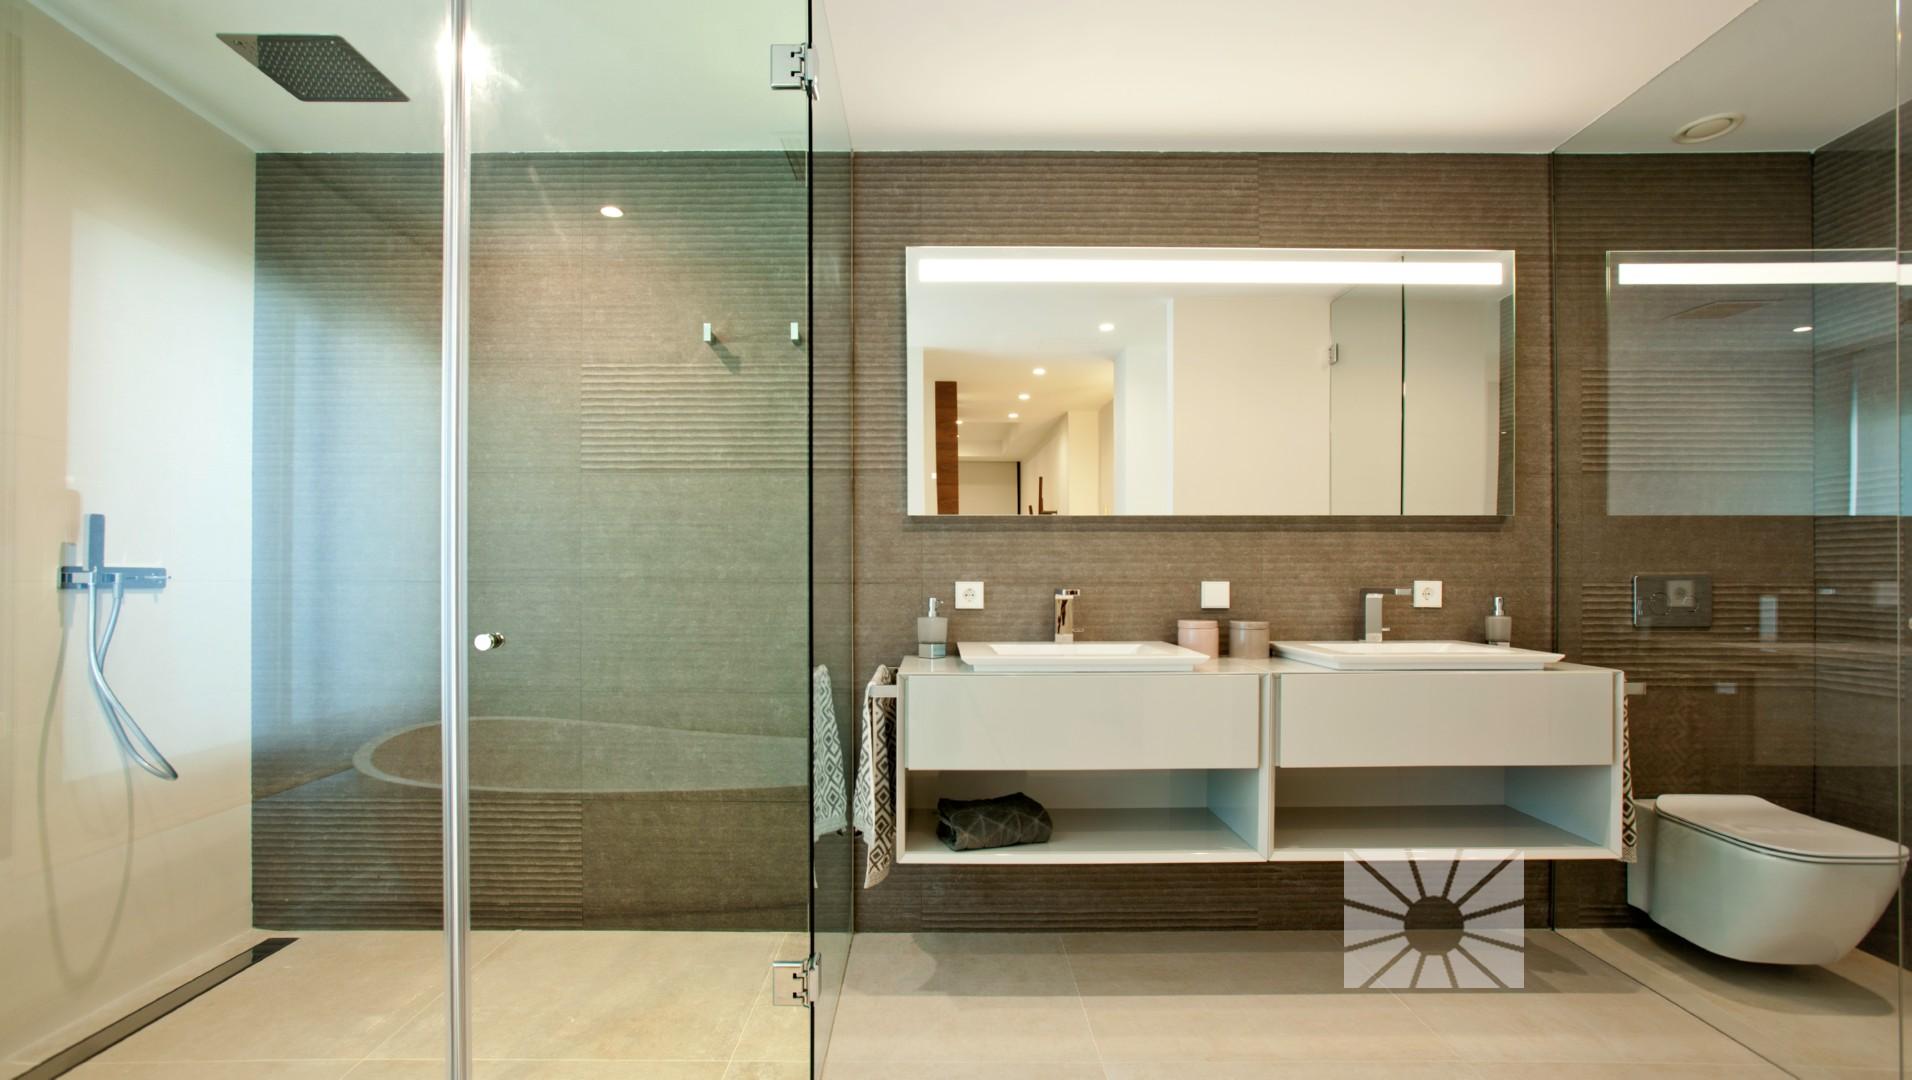 Villa la nao moderne luxe villa te koop in woonwijk jazmines cumbre